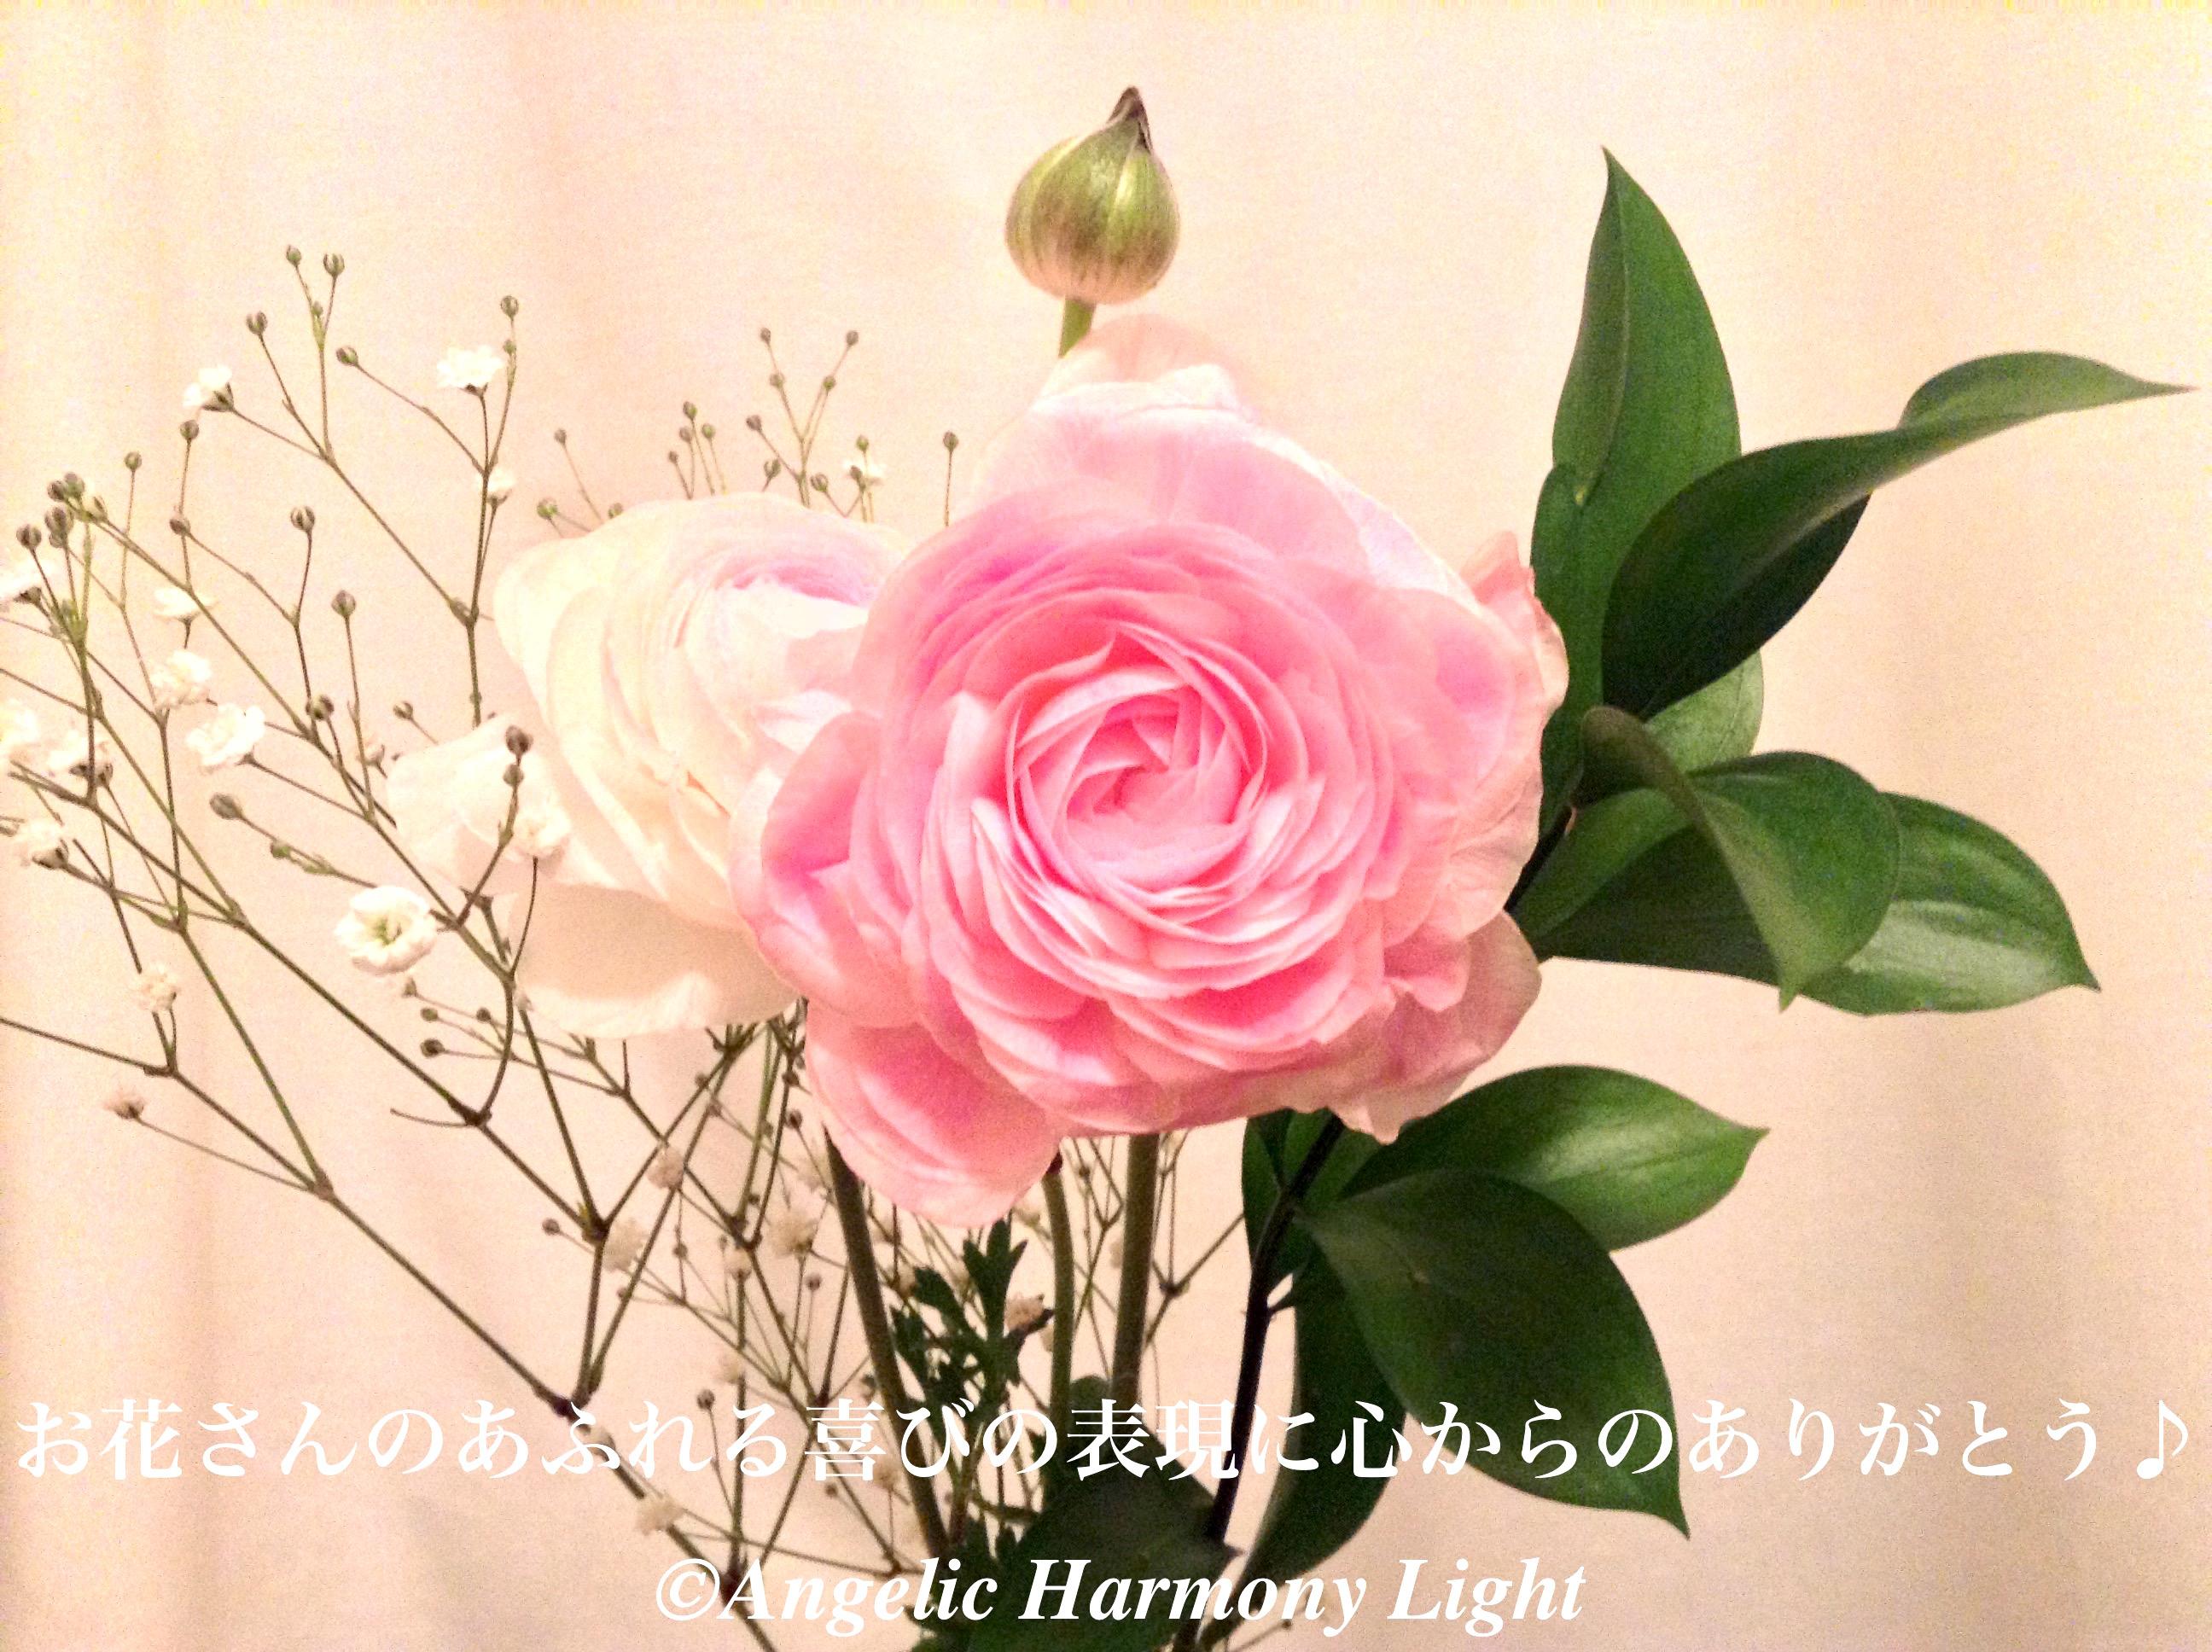 20180331-お花さん喜びの表現をありがとう♪